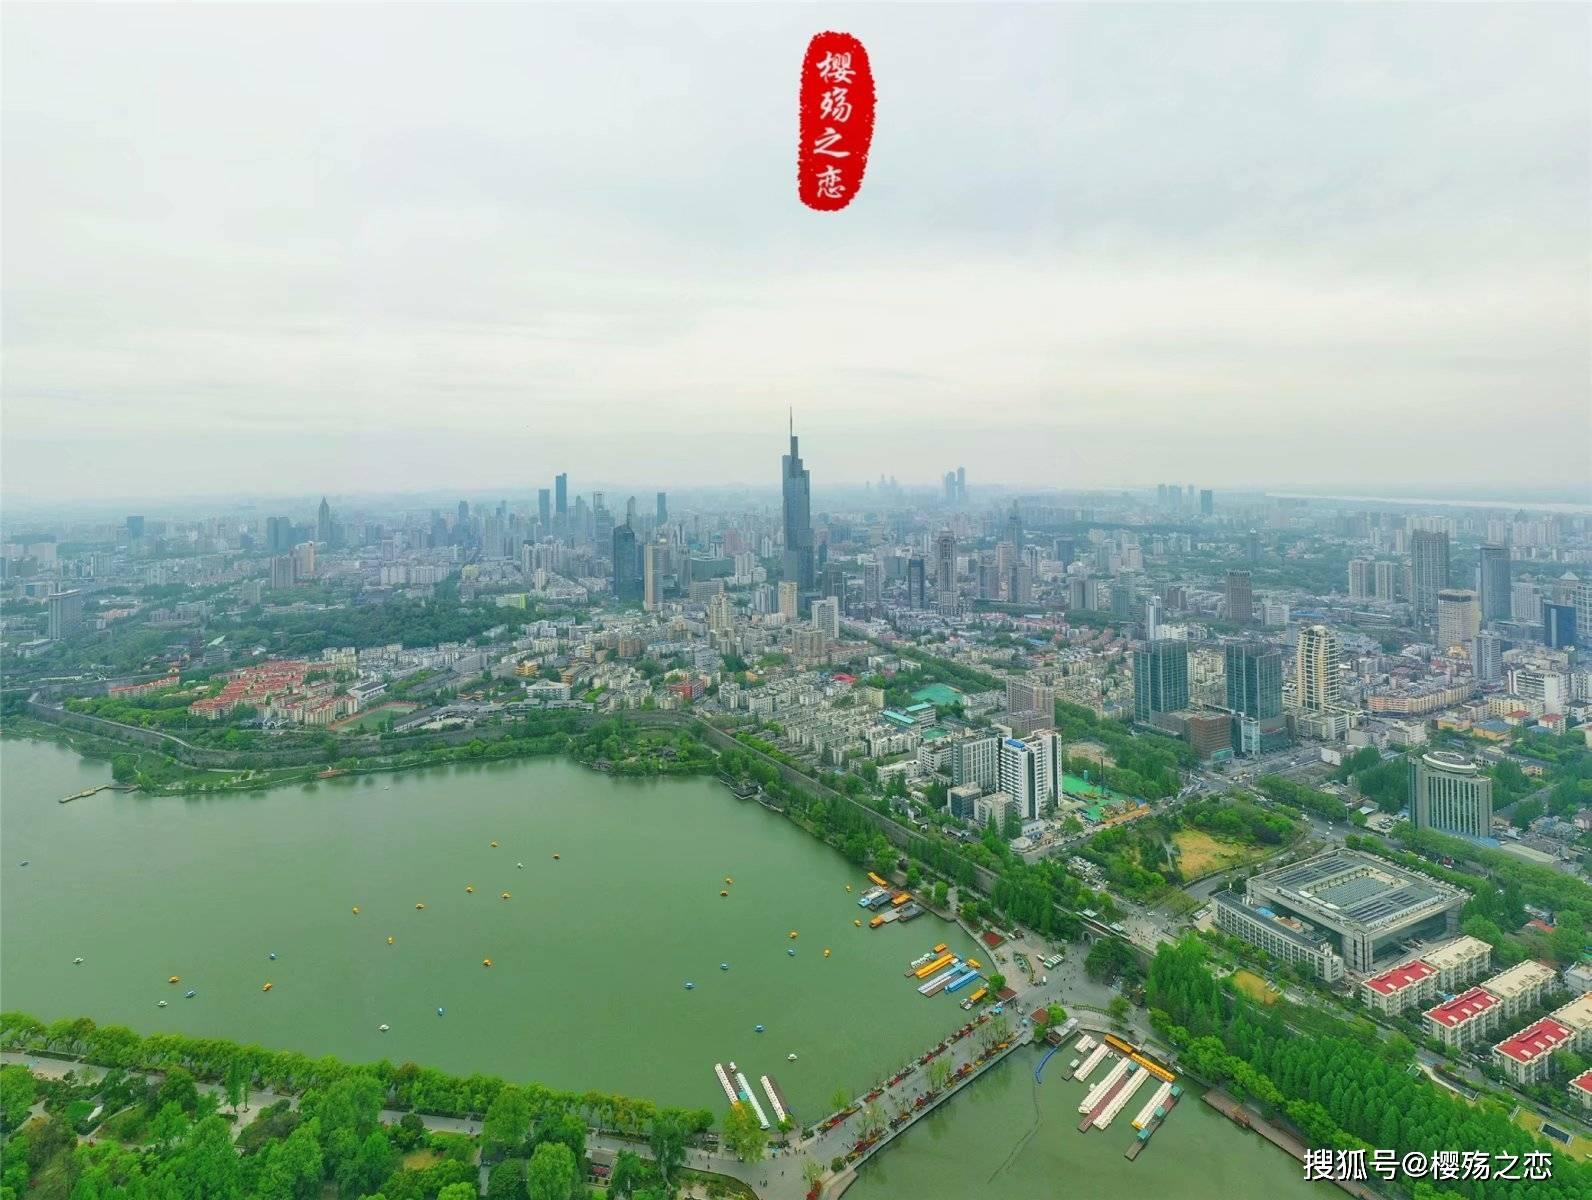 唯二GDP破十万亿的省份,一个鲜有百强县,一个没有一线城市